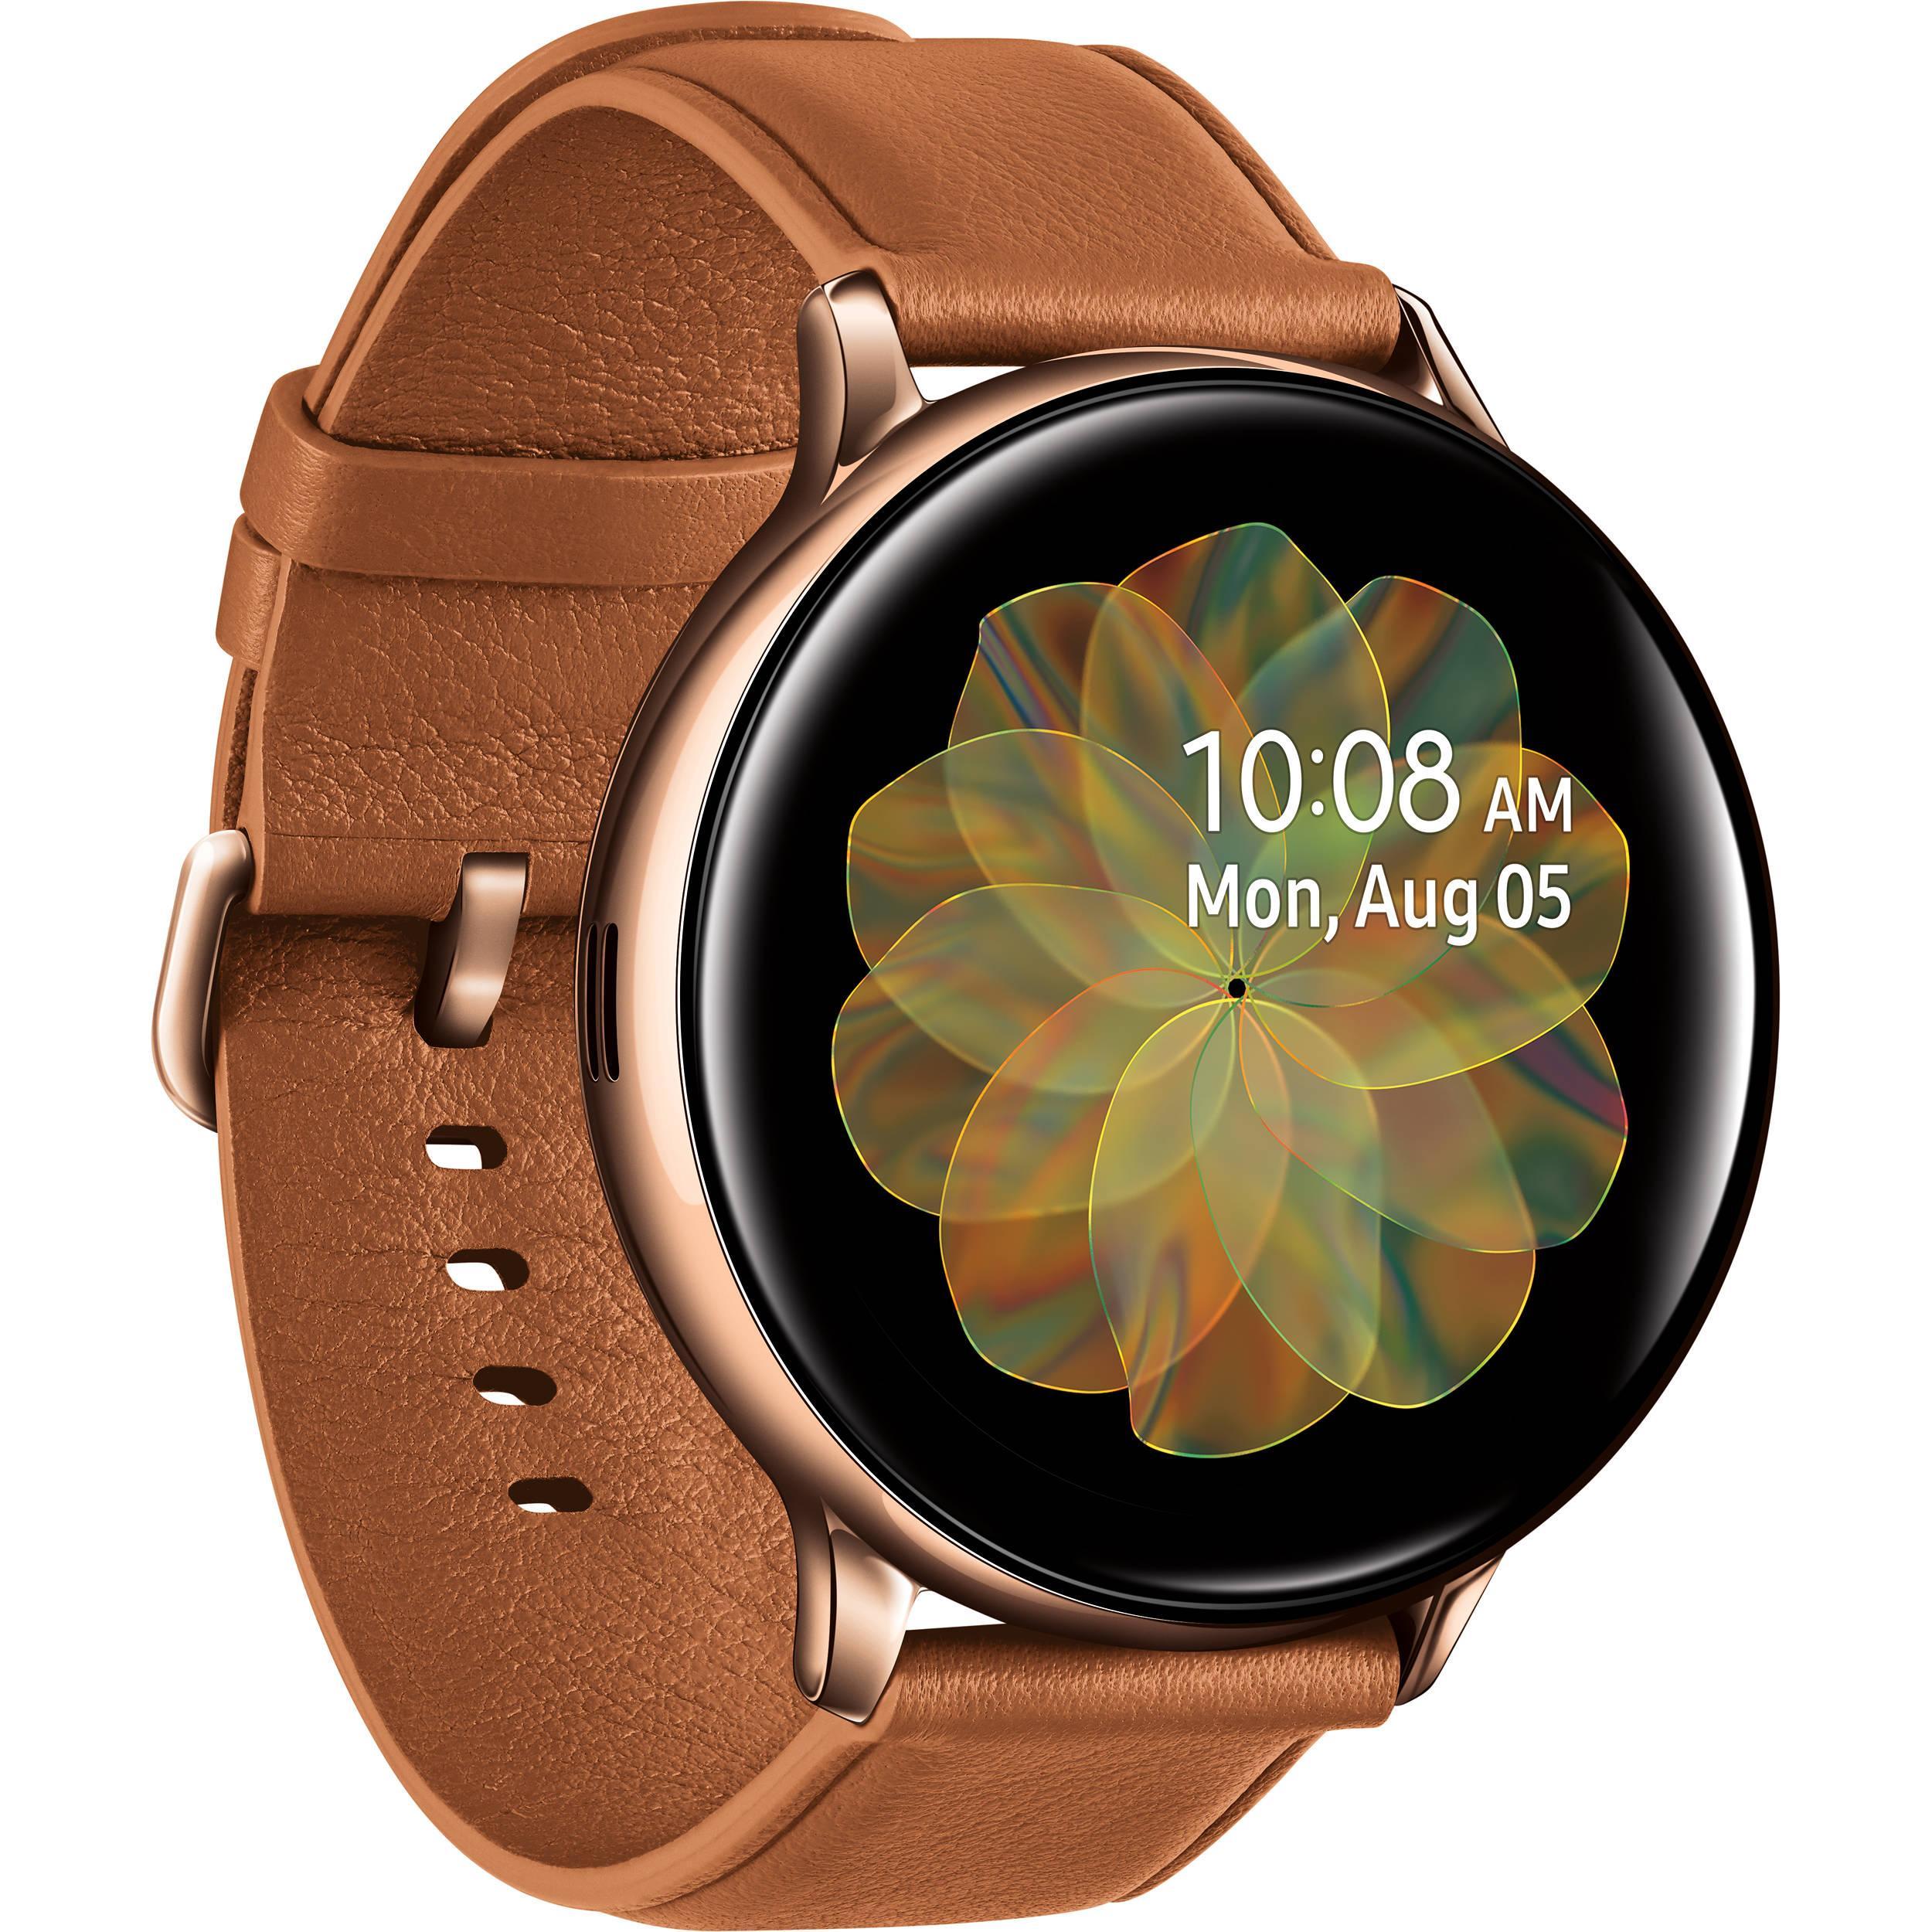 Giảm Giá Ưu Đãi Khi Mua Đồng Hồ Thông Minh Có Youtube Samsung Galaxy Watch Active 2 Mới 100% NOBOX - PHIÊN BẢN THÉP - Stainless Steel